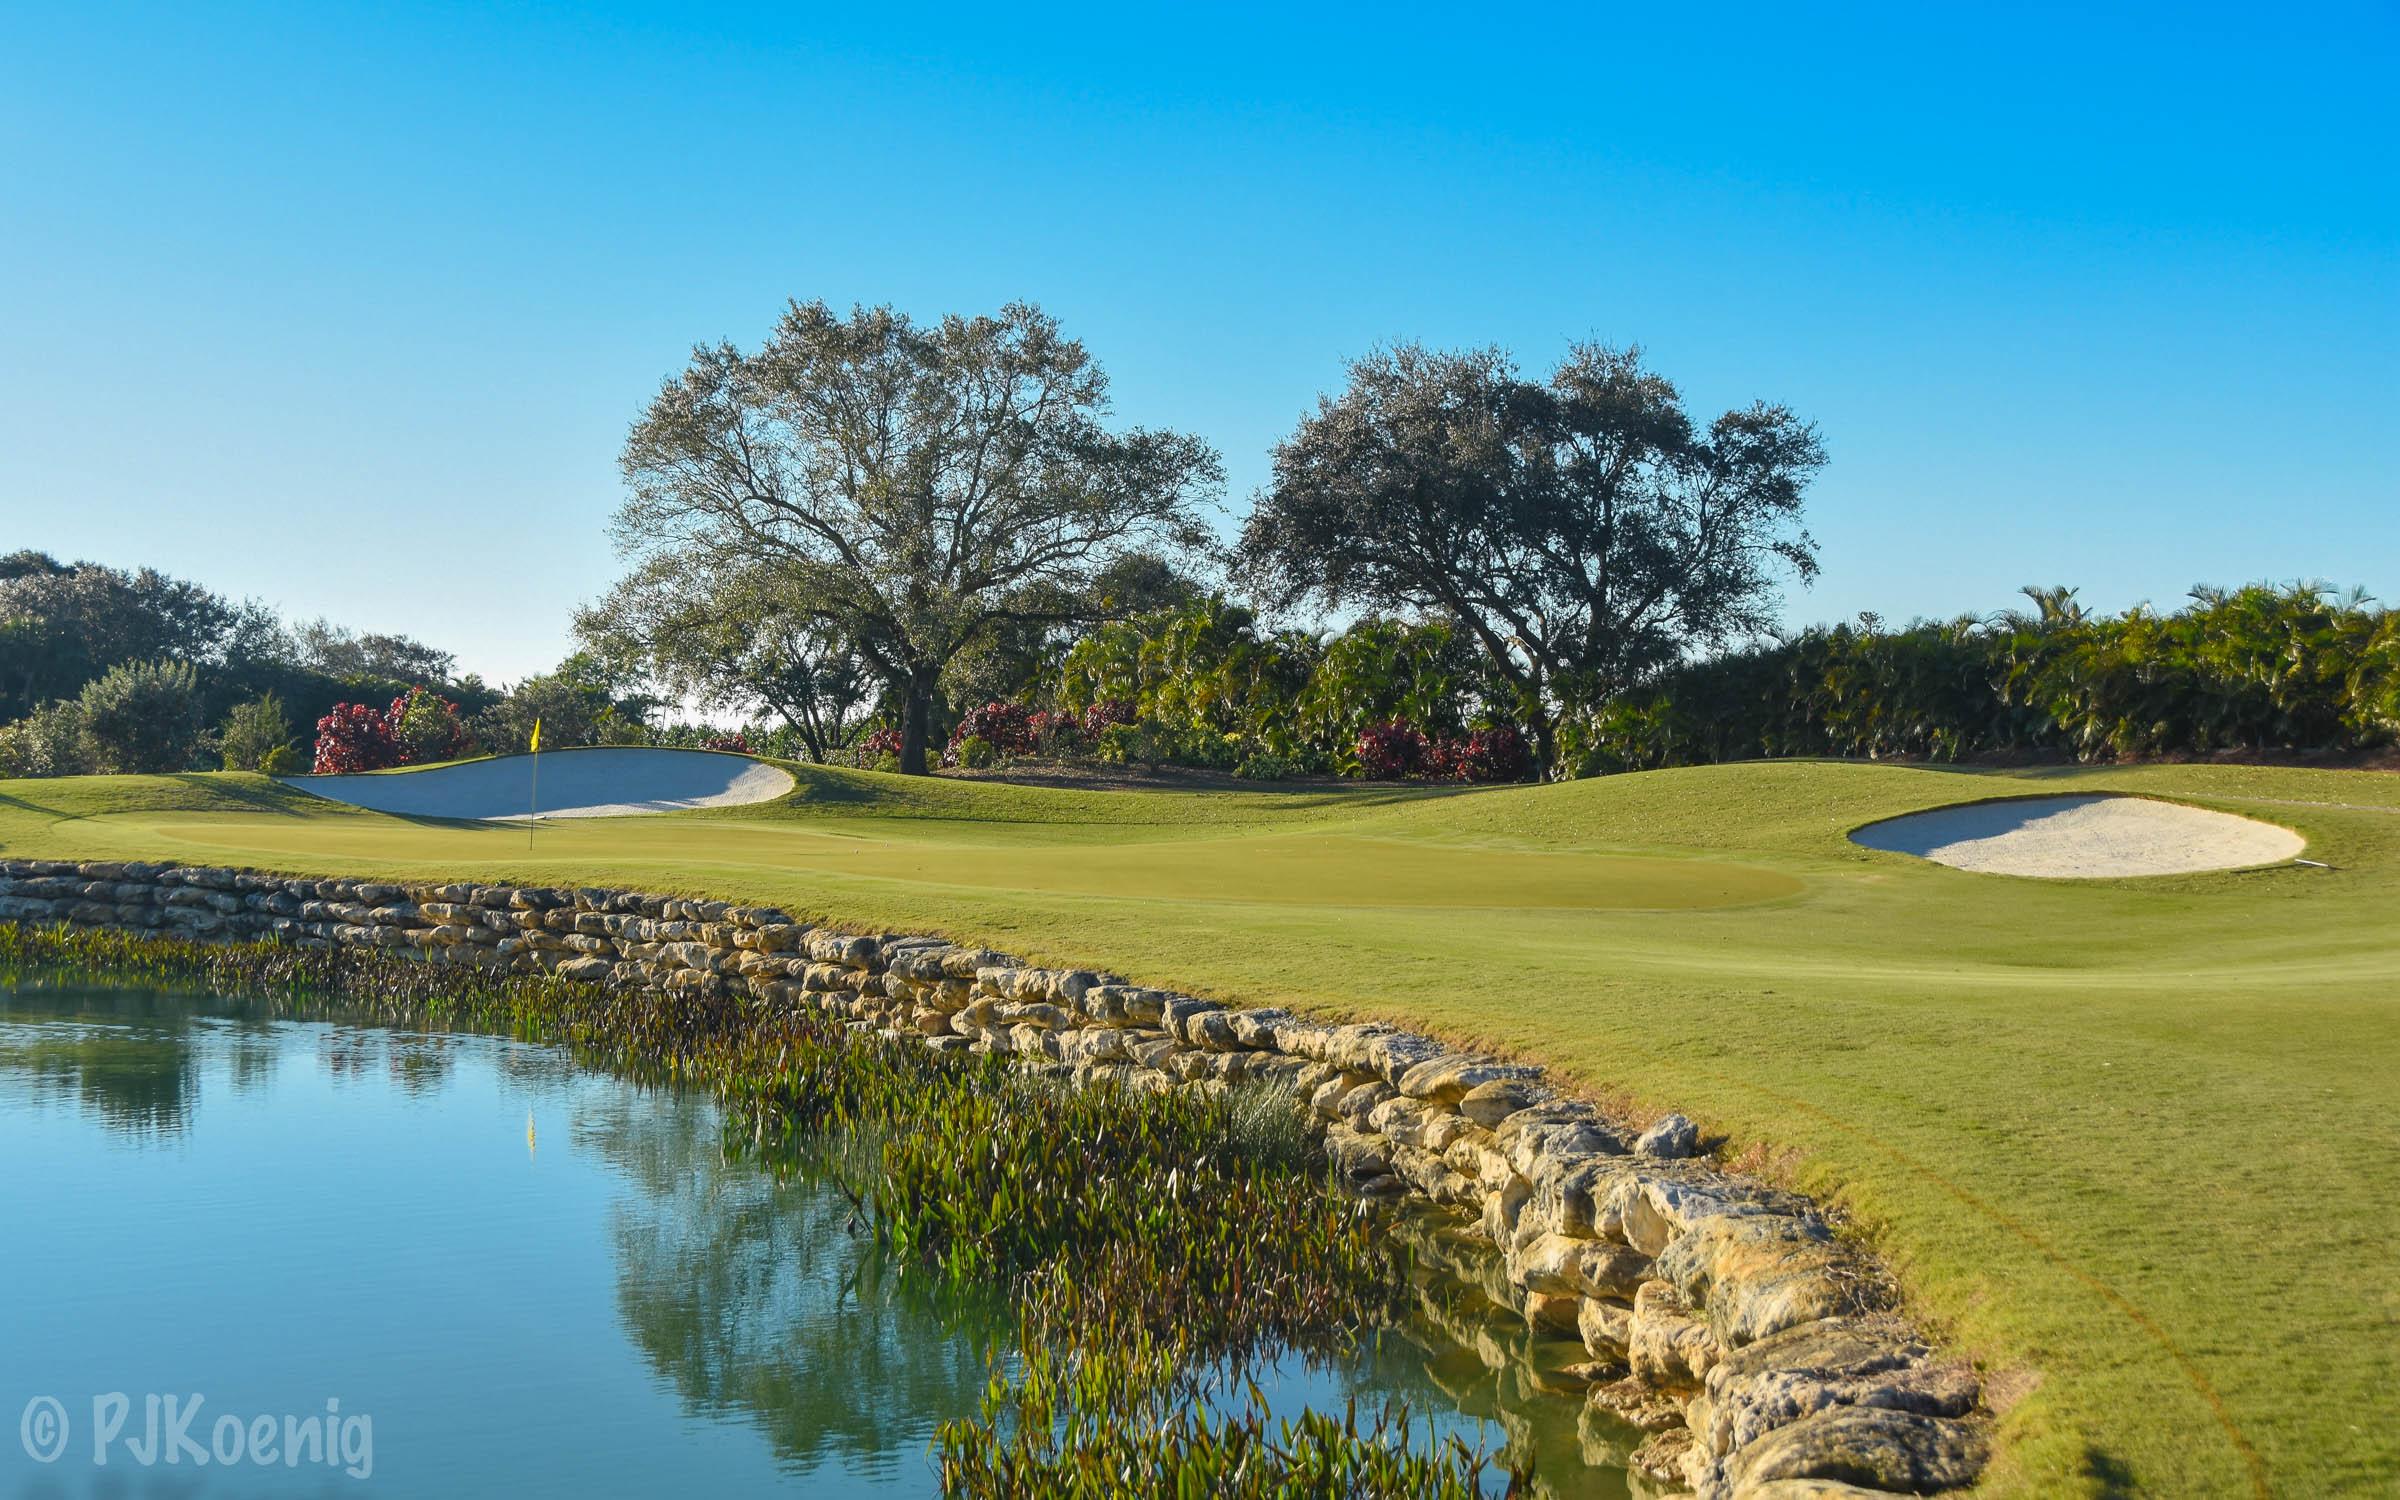 Adios Golf Club1-80.jpg